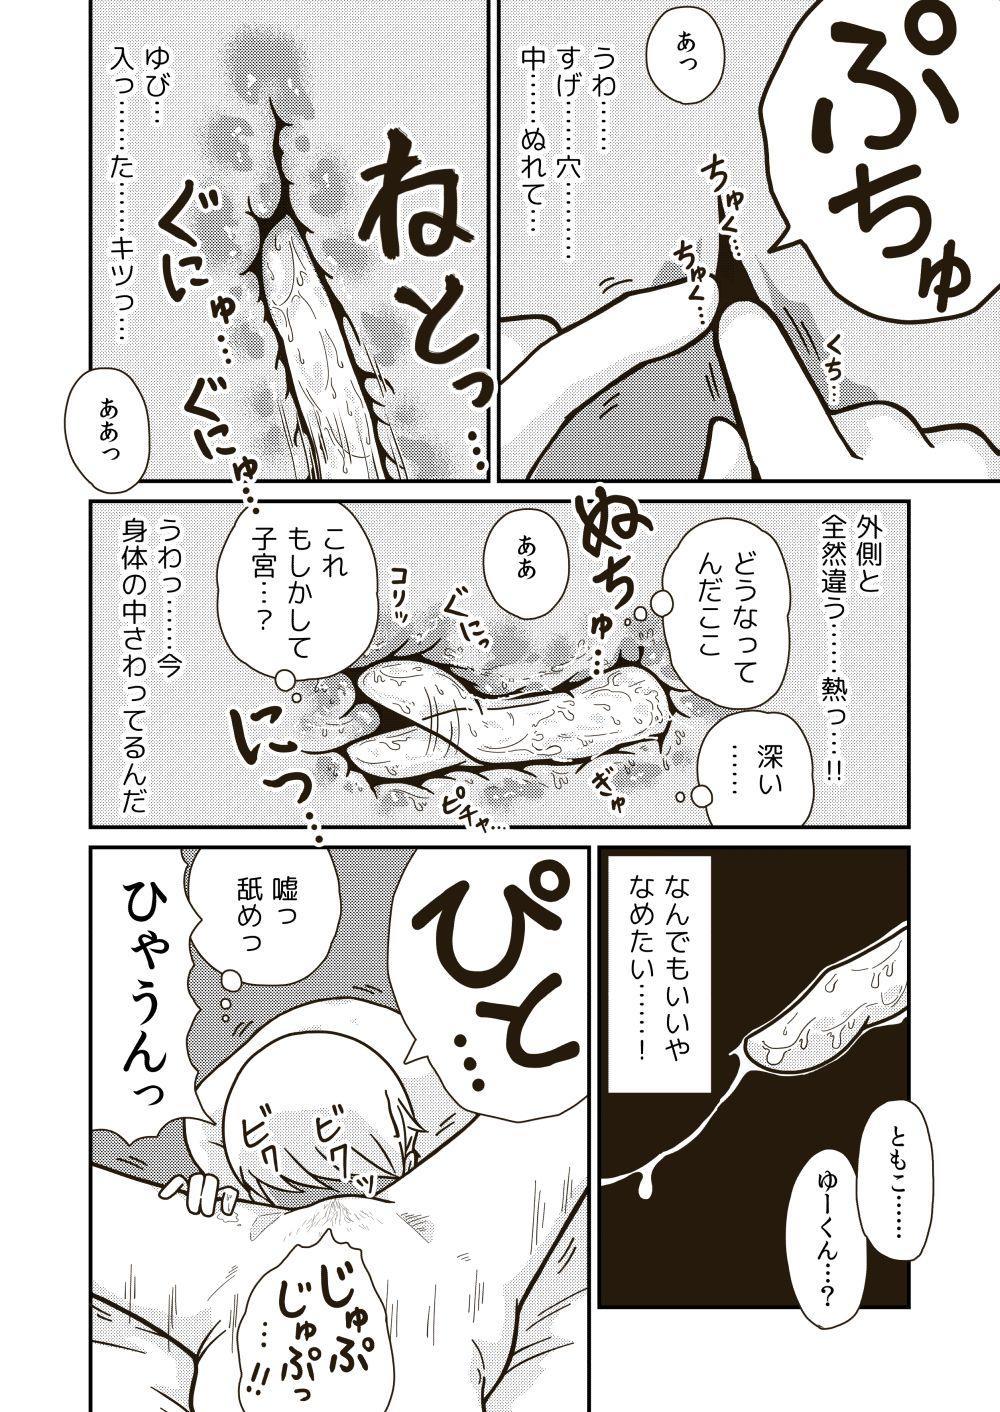 Futari no Hajimete 11